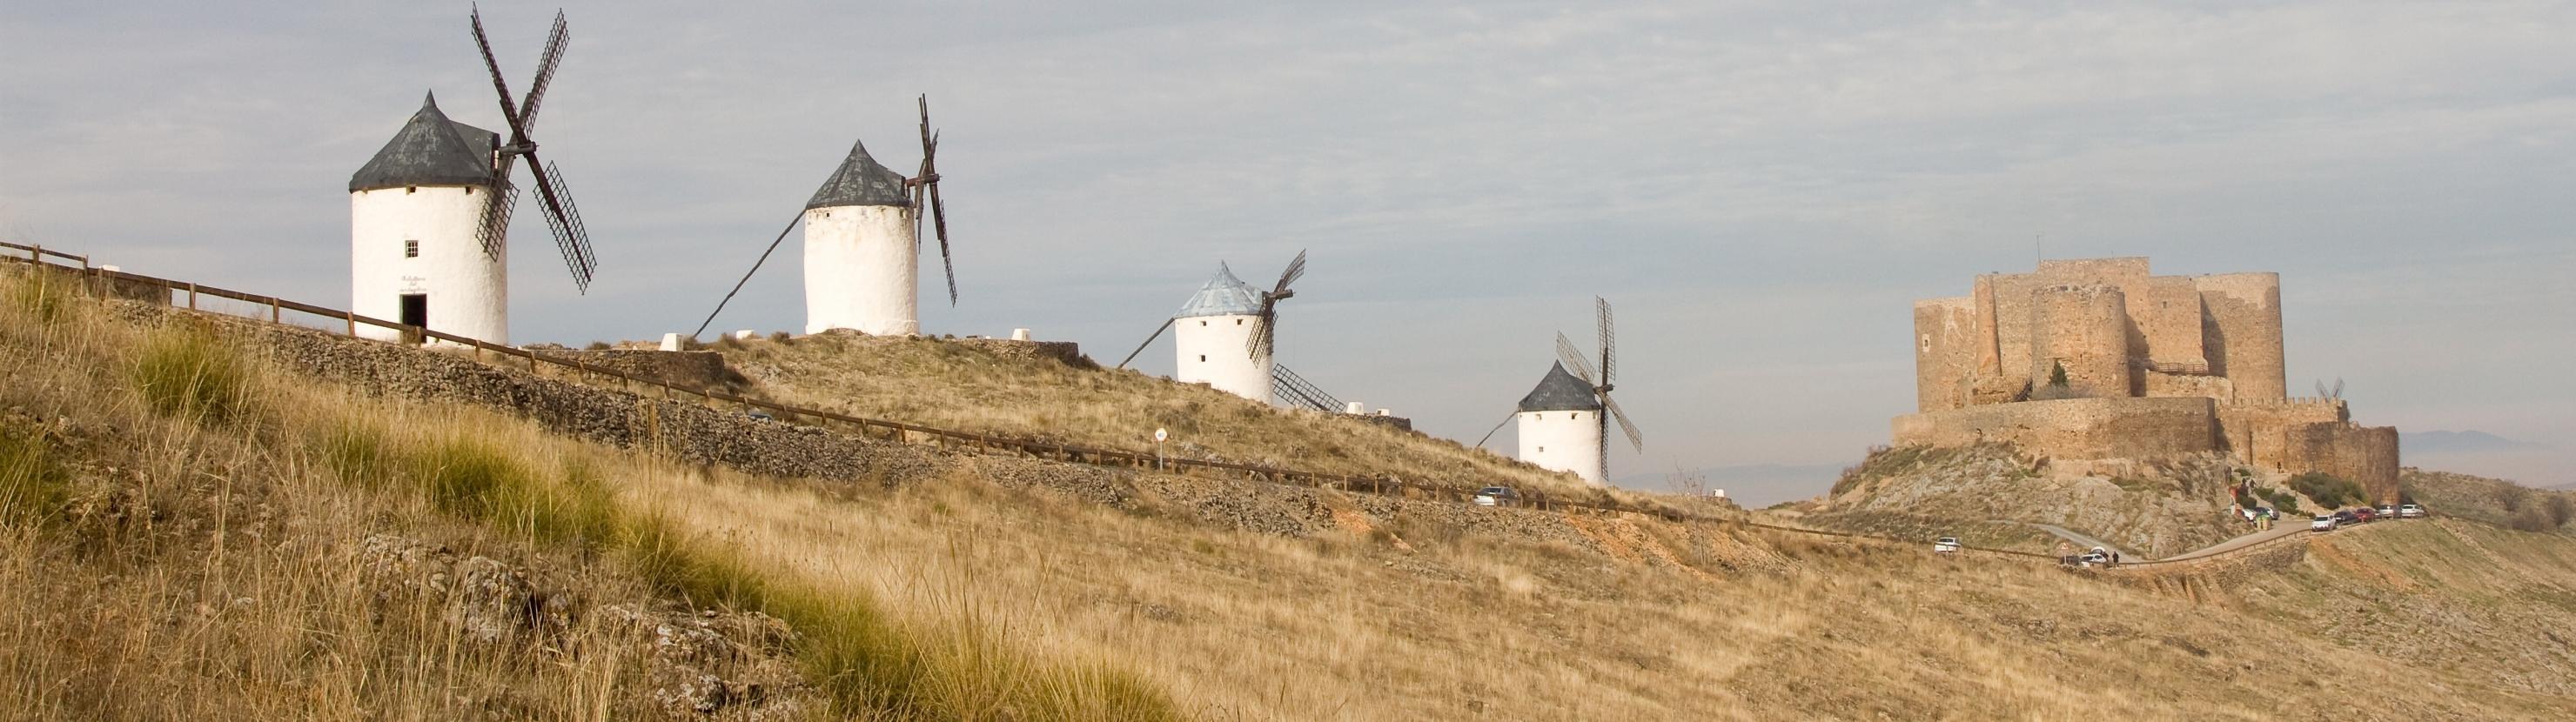 Hispaania suur ringreis